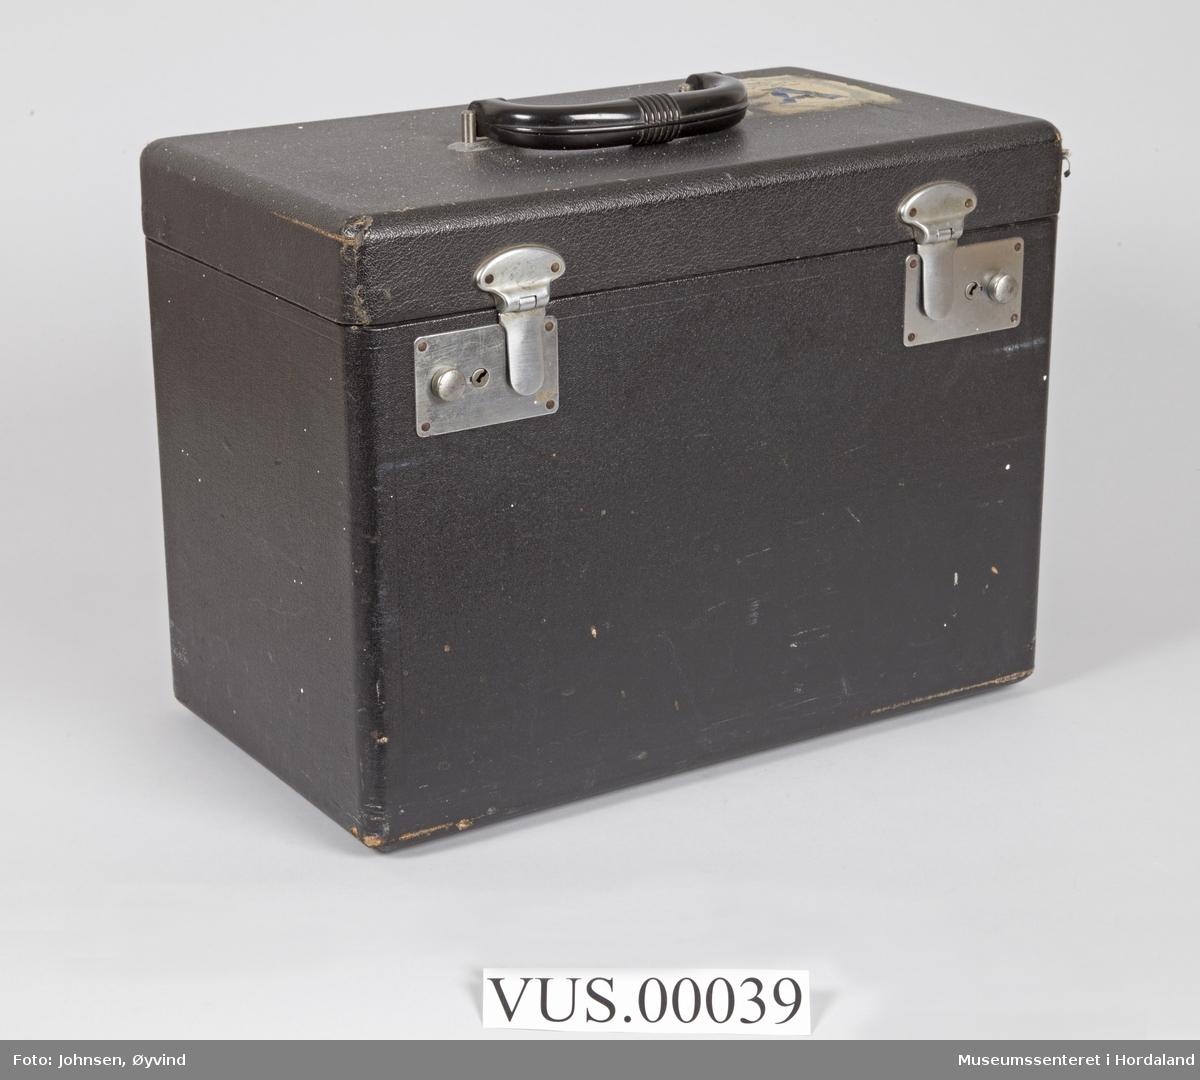 Komplett symaskin med diverse utstyr i svart kasse. I bruksanvisning står Singer Featherweight 221 K Portable Sewing Machine.